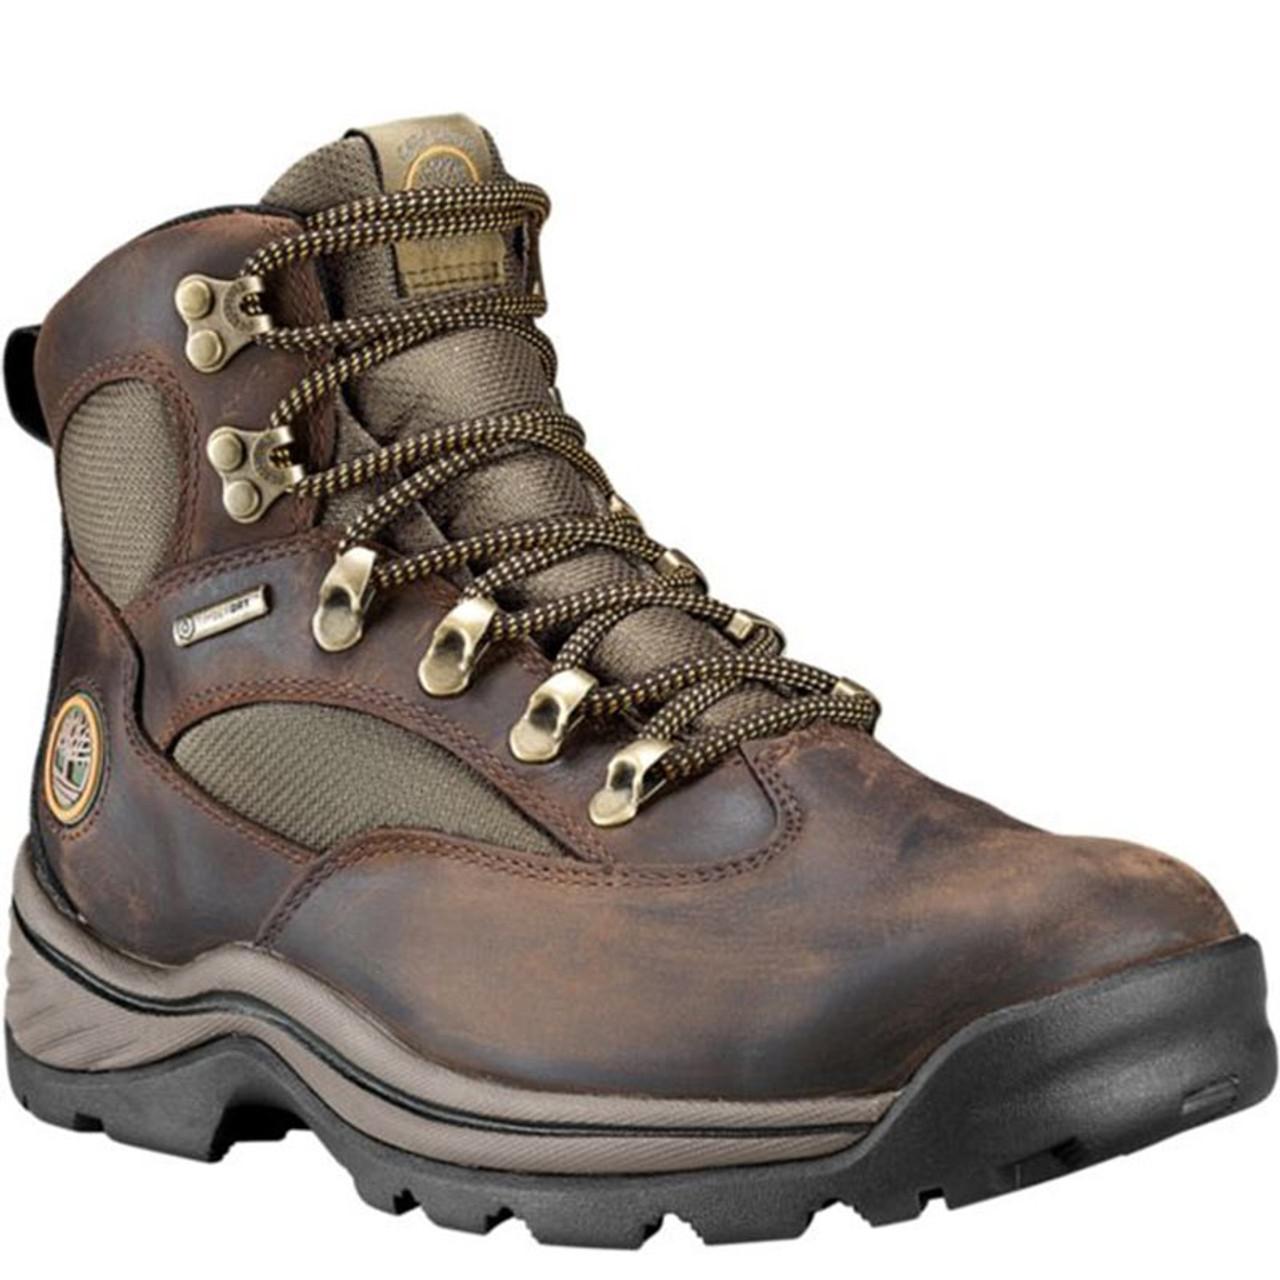 0bea5ac5c0b Timberland 15130 CHOCORUA TRAIL 2.0 Waterproof Hiking Boots